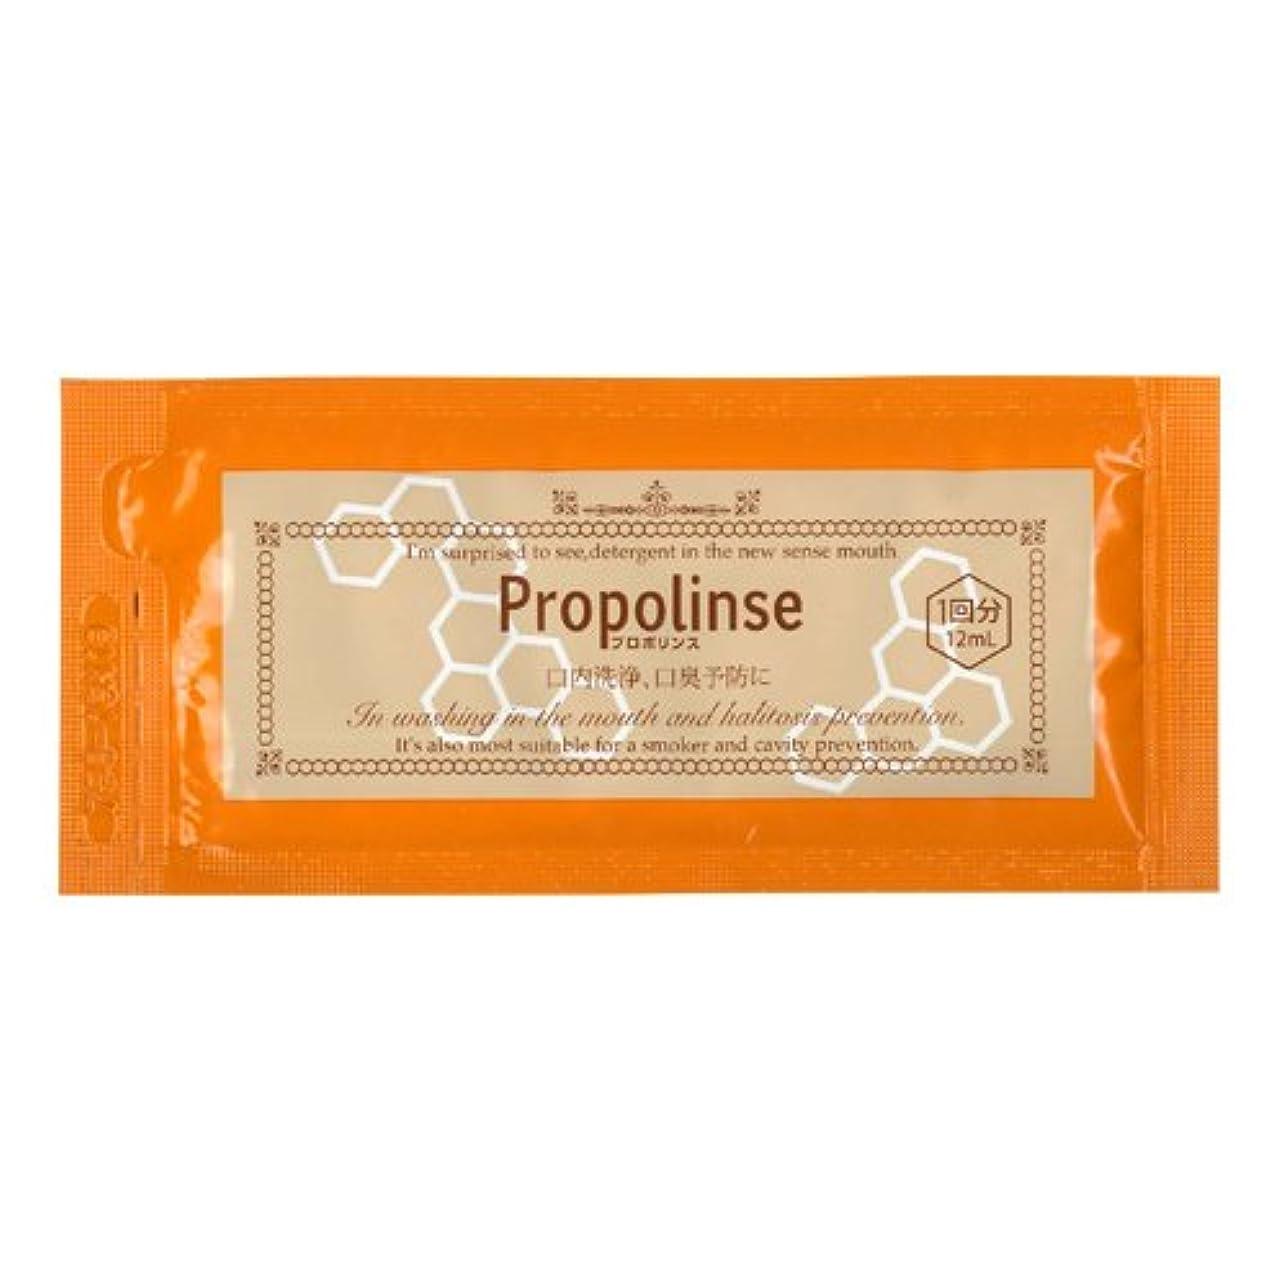 突撃好戦的な櫛プロポリンス ハンディパウチ 12ml(1袋)×100袋